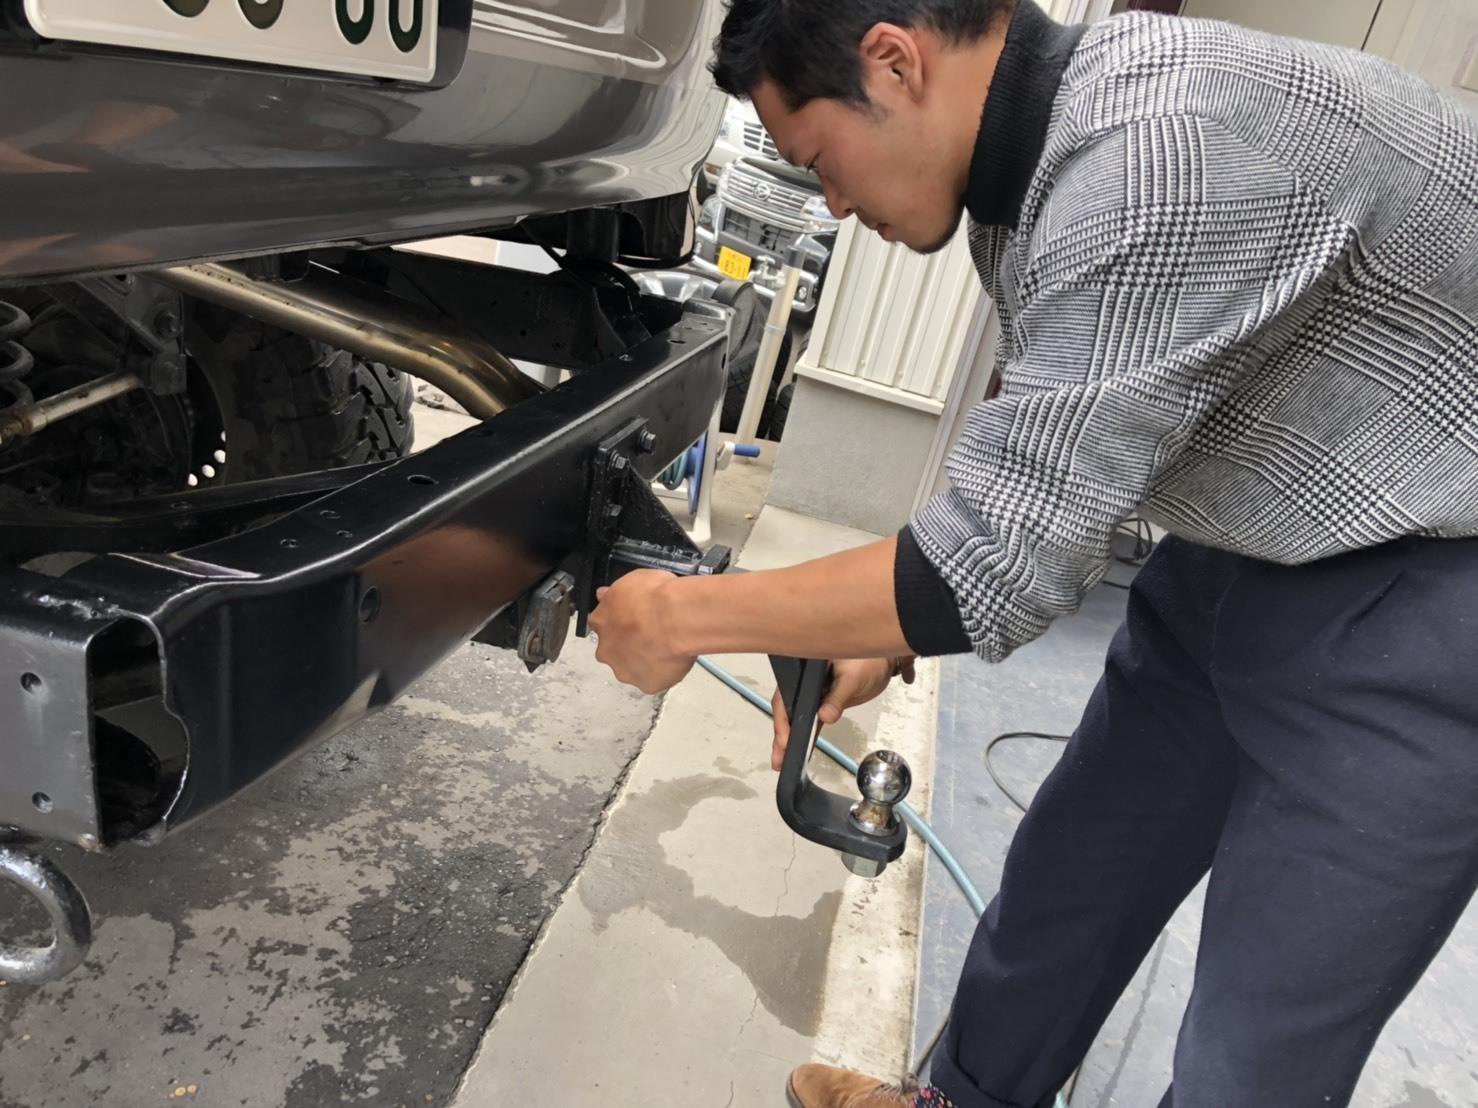 10月13日(土)✿ランクル80F様&ベンツSL350A社様納車(゜゜)♡タントK様ご成約(^^)/_b0127002_18302646.jpg